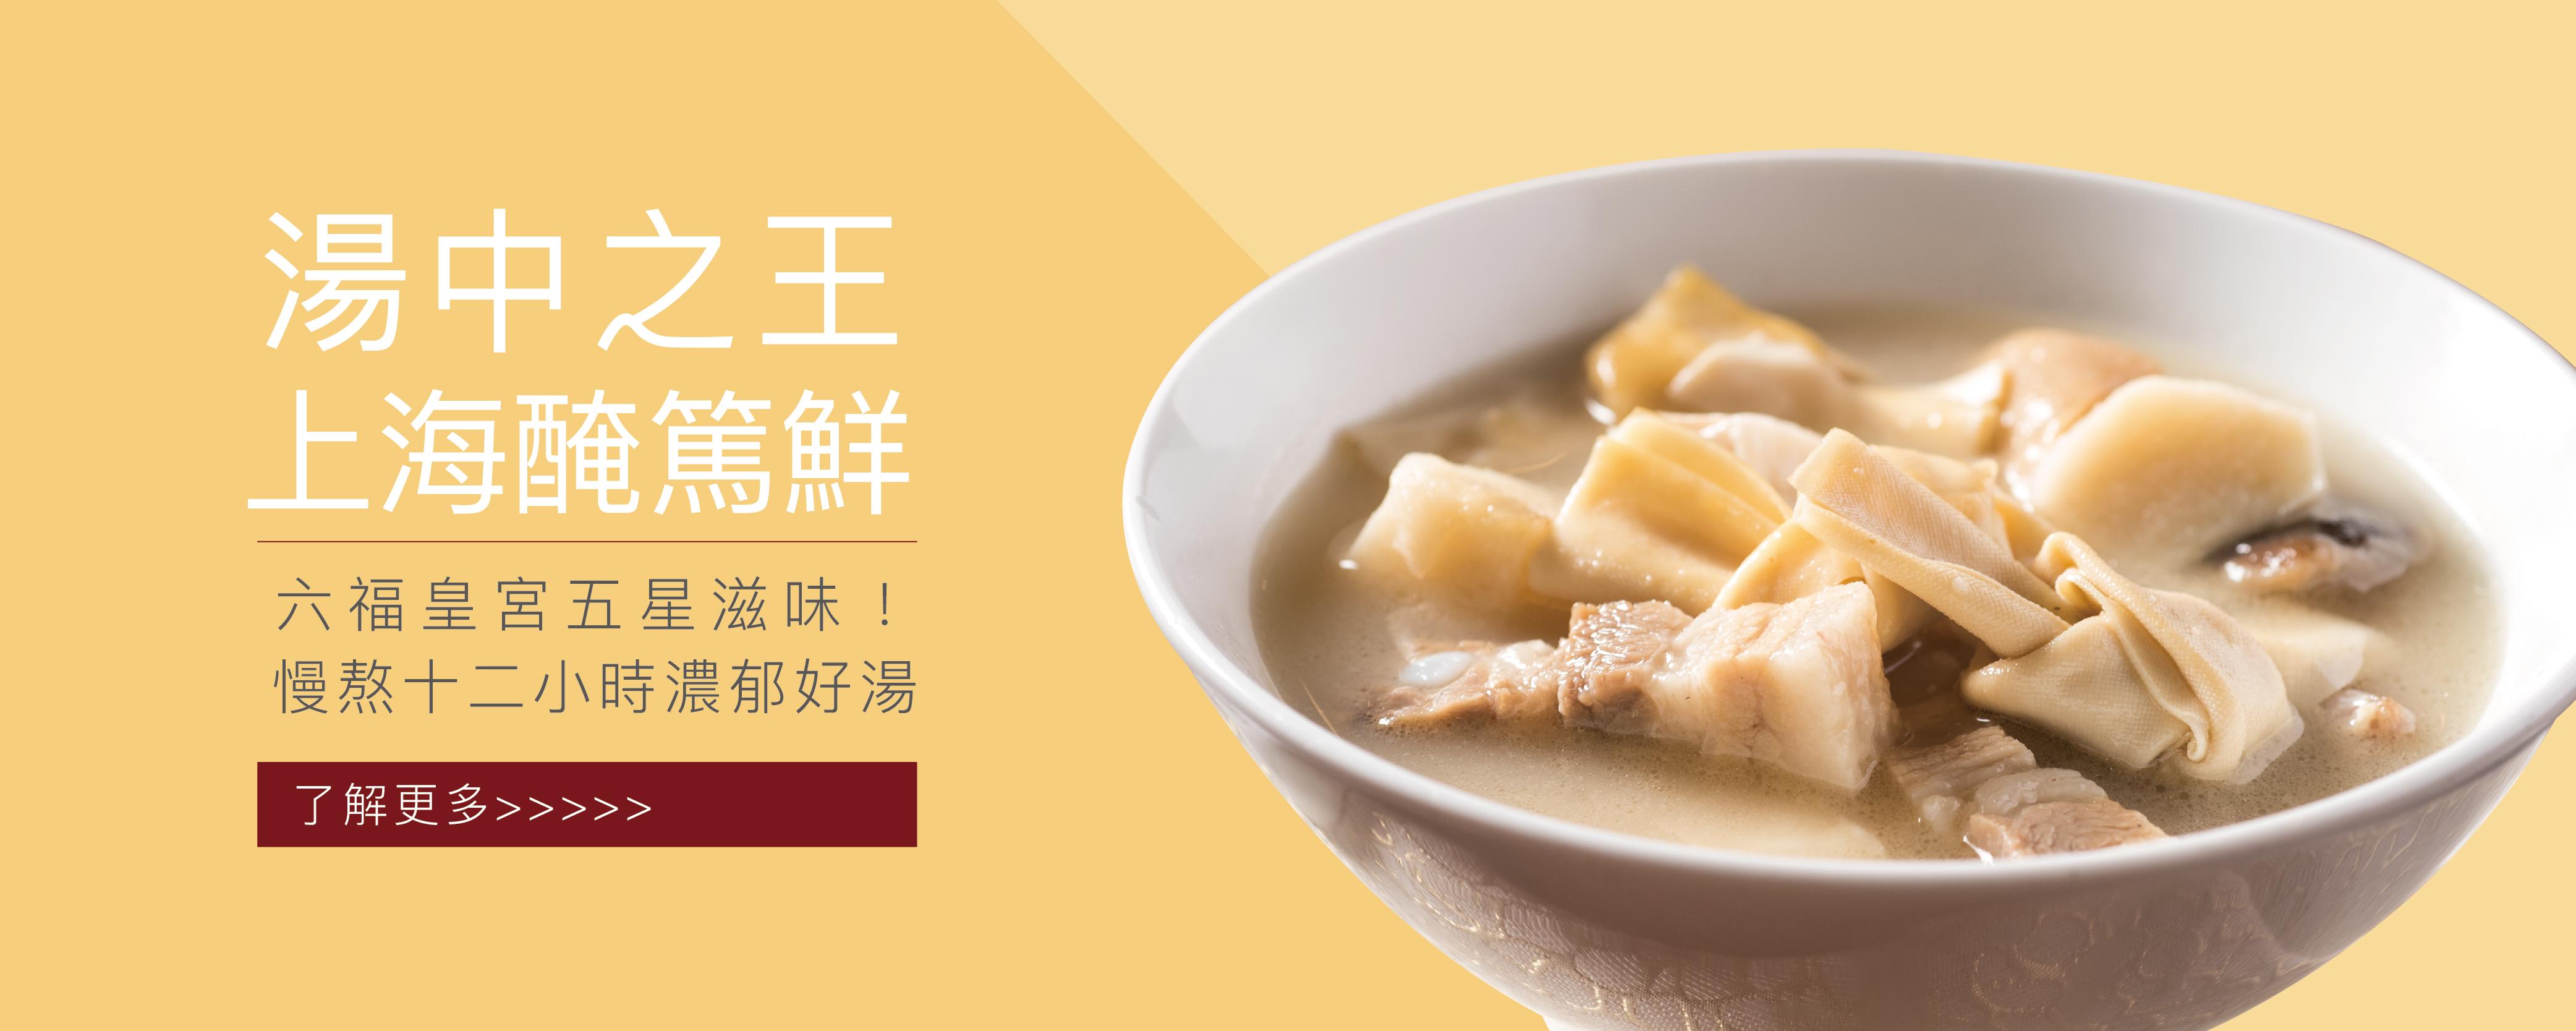 六福皇宮上海醃篤鮮可宅配到府,上海菜系經典上湯 以火腿 百頁結等熬煮12小時以上而成